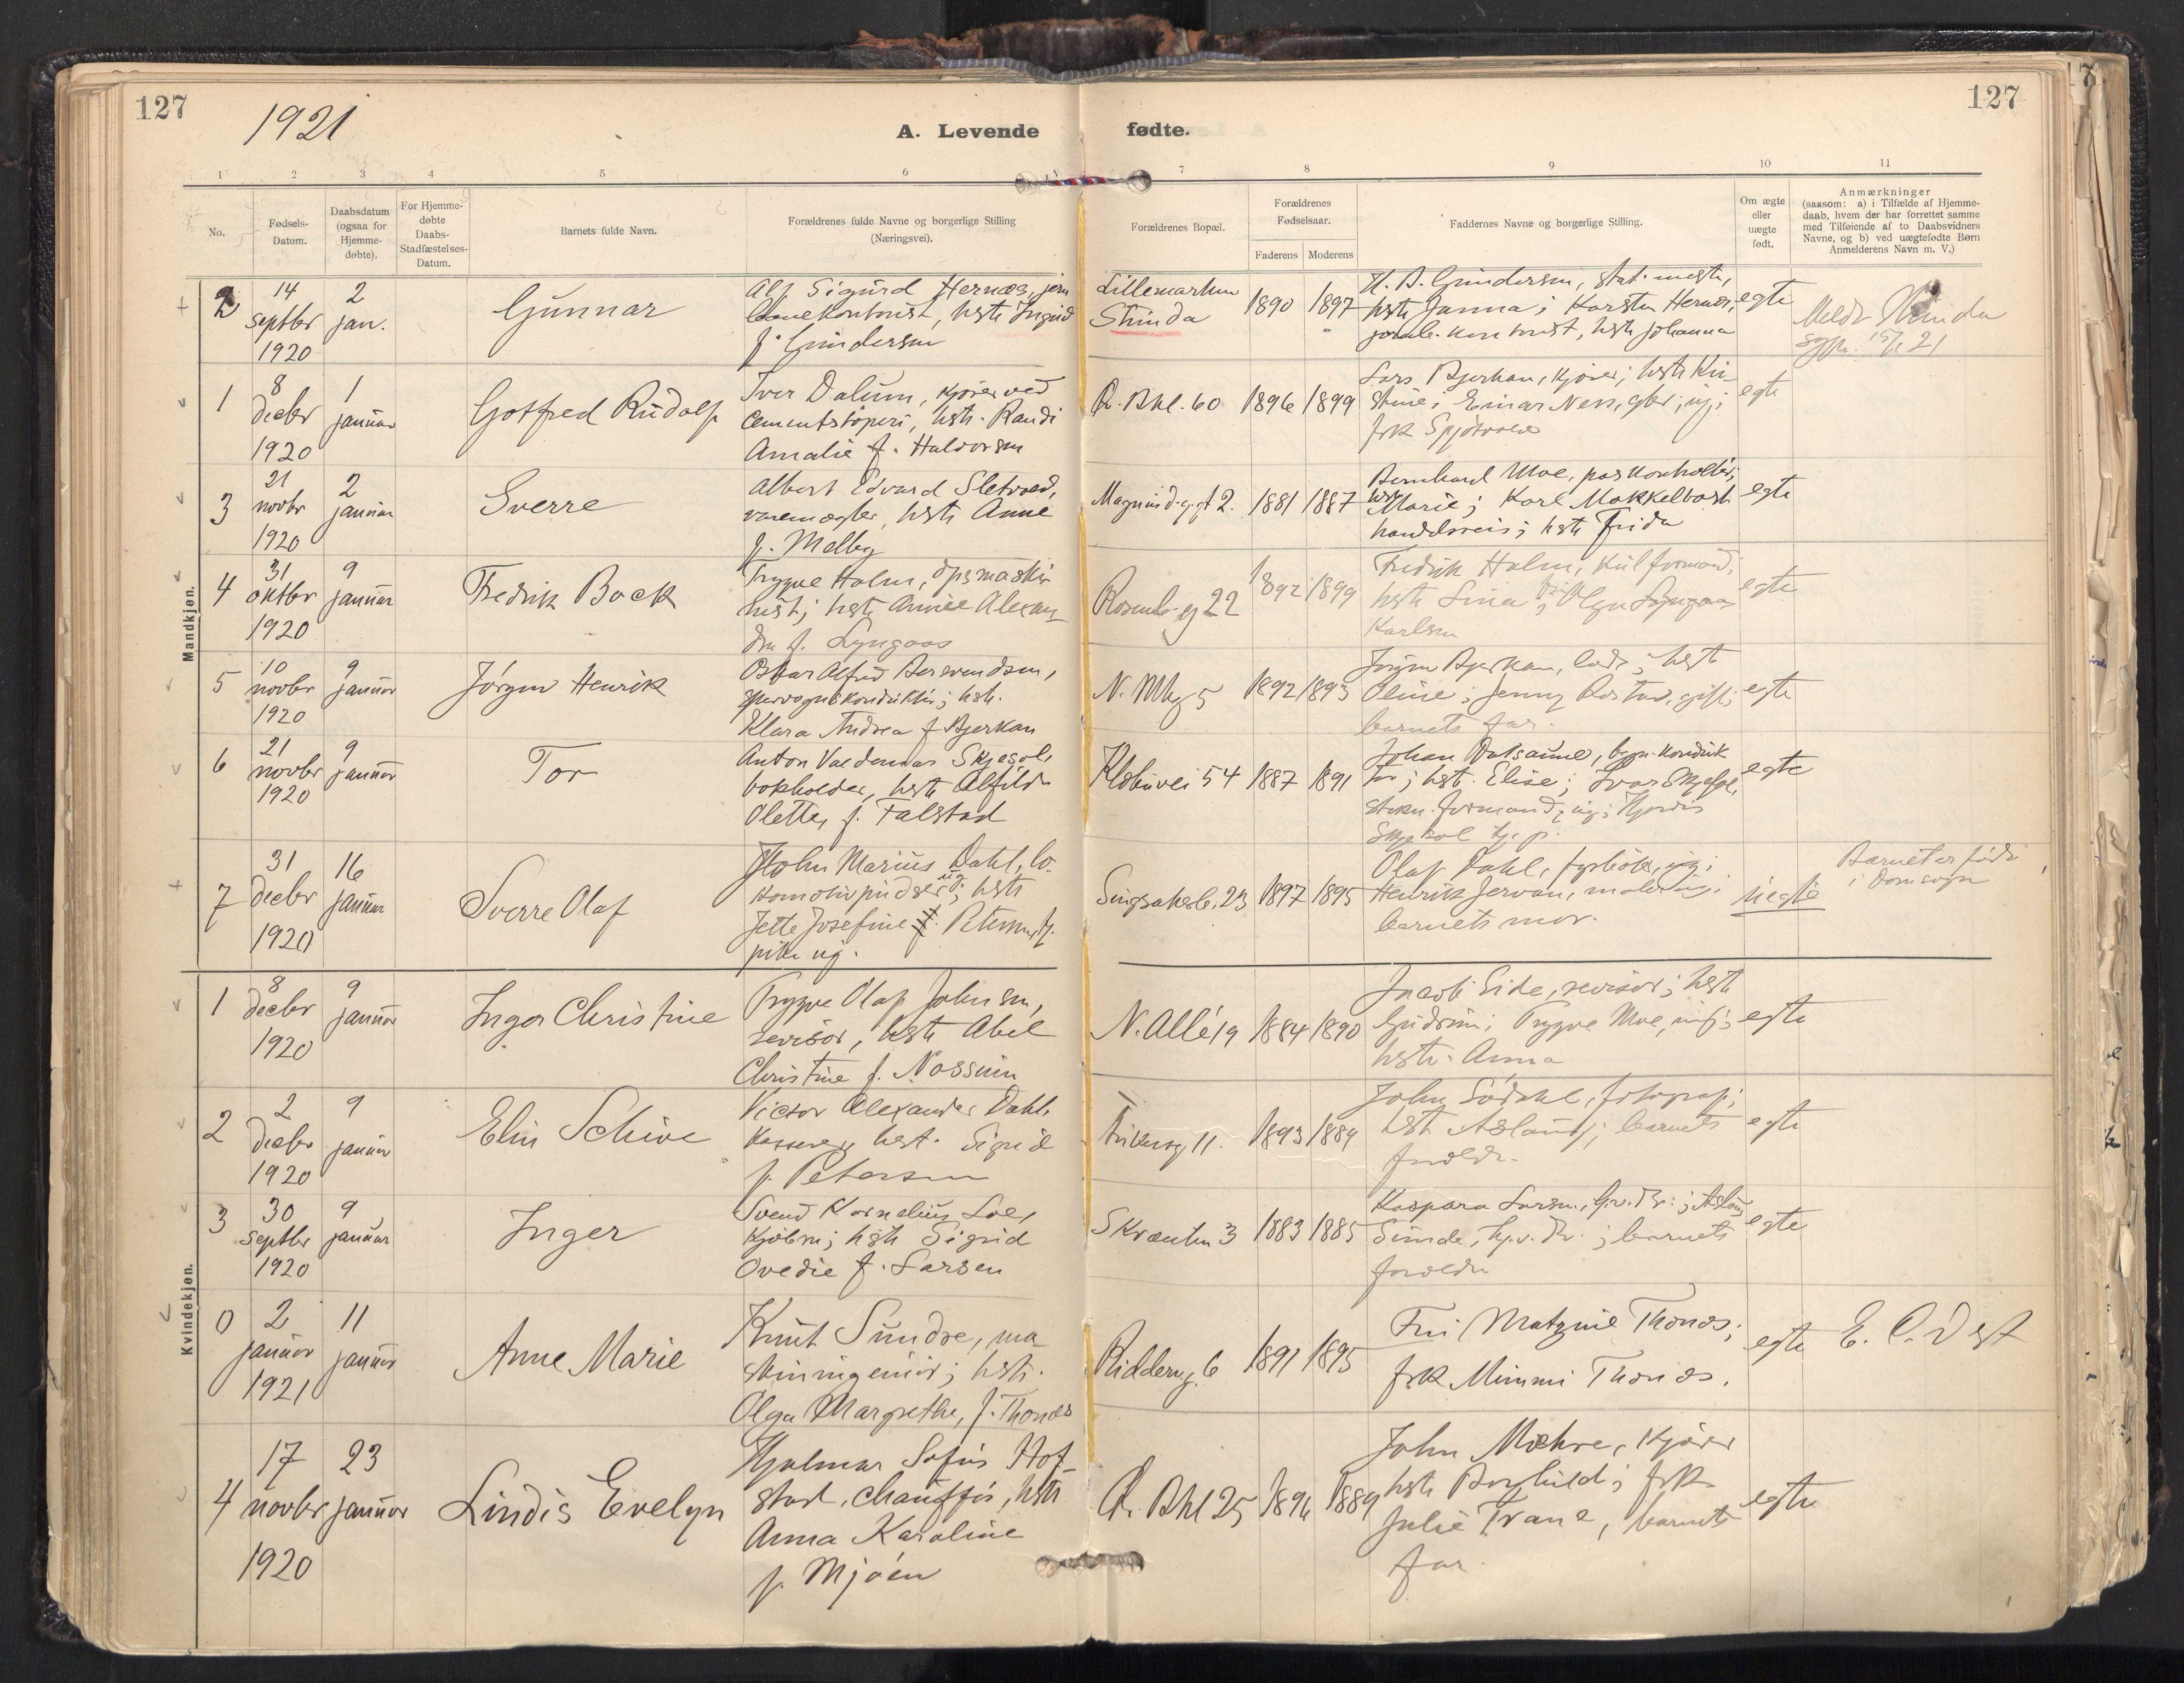 SAT, Ministerialprotokoller, klokkerbøker og fødselsregistre - Sør-Trøndelag, 604/L0205: Ministerialbok nr. 604A25, 1917-1932, s. 127